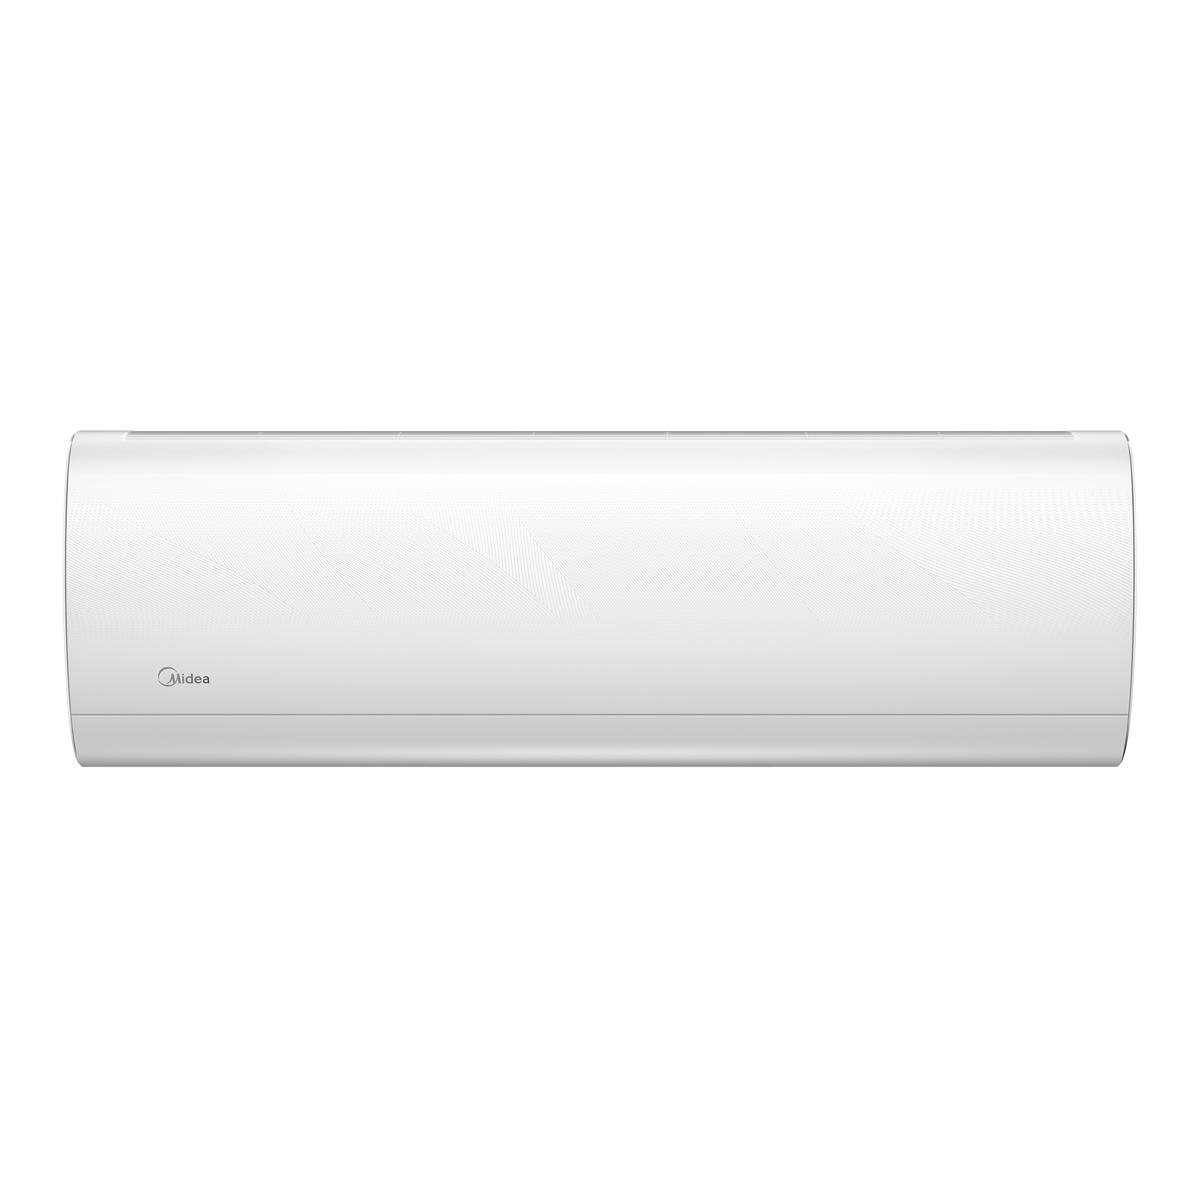 Midea/美的 KFR-32GW/BP2DN1Y-DA300(B3)家用空调套机 说明书.pdf